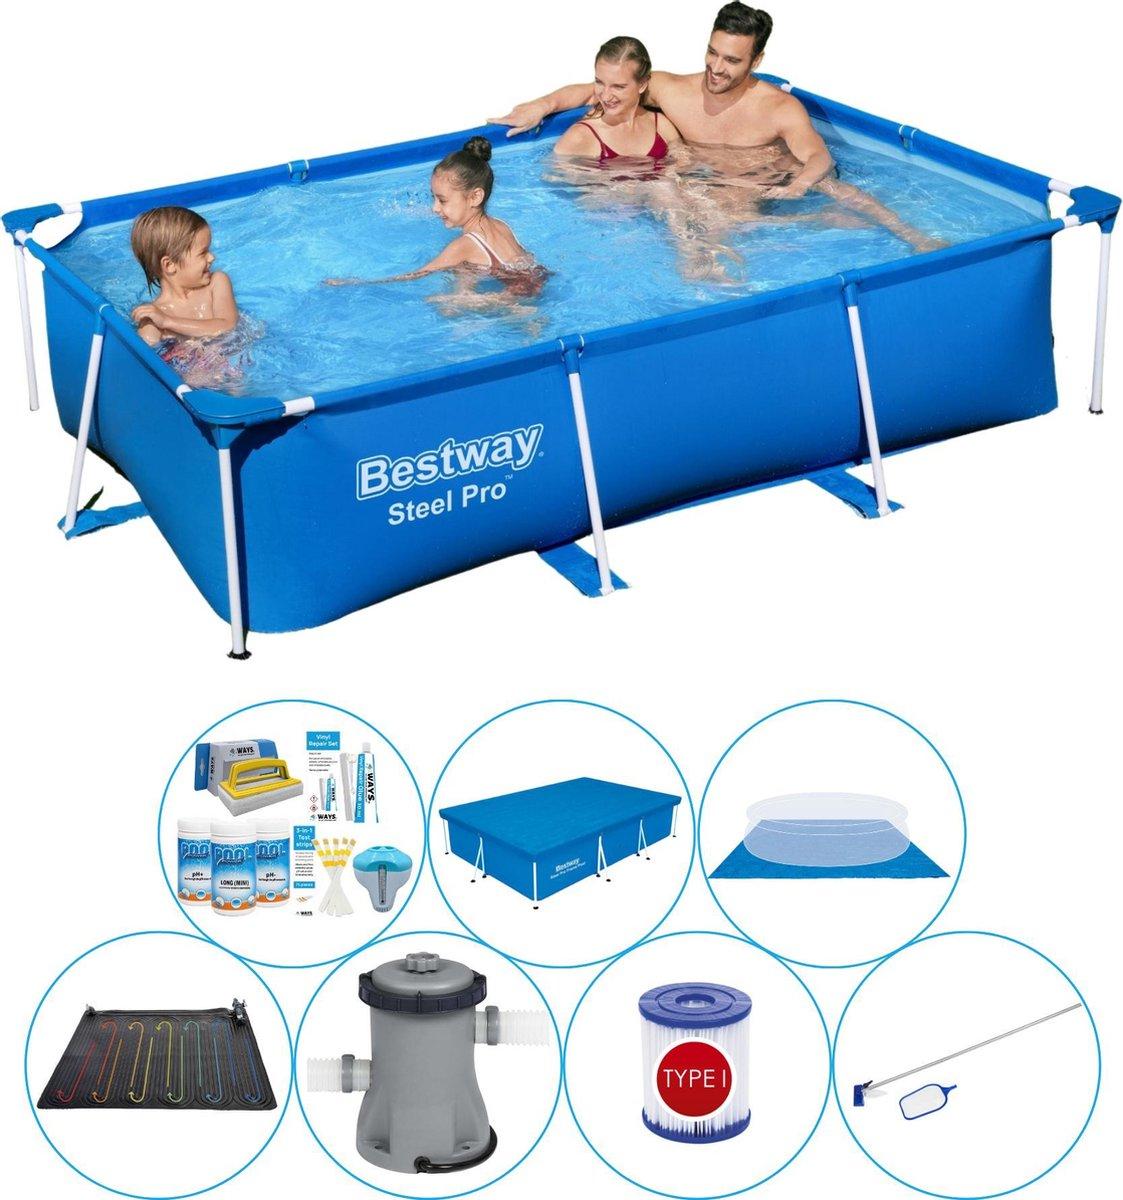 Bestway Steel Pro Rechthoekig Zwembad - 259 x 170 x 61 cm - Blauw - Inclusief Accessoires - Voordeelpakket